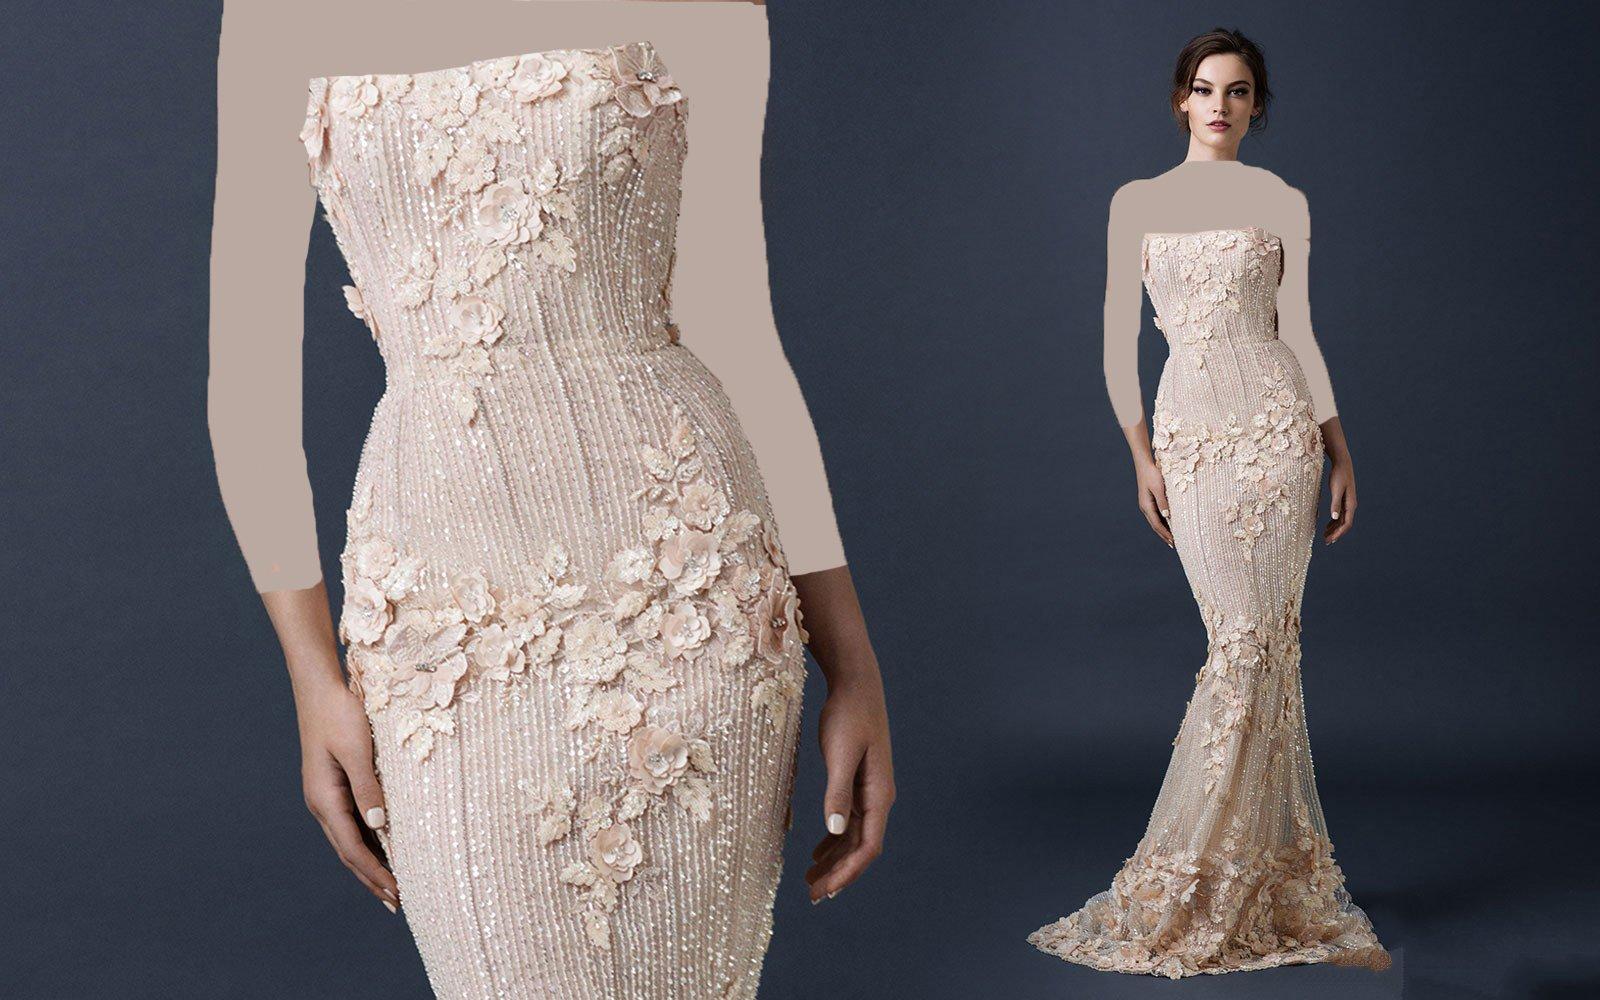 لباس مجلسی زیبا شیک 50 مدل لباس مجلسی انـه 97 شیک و  فوق العاده زیبا